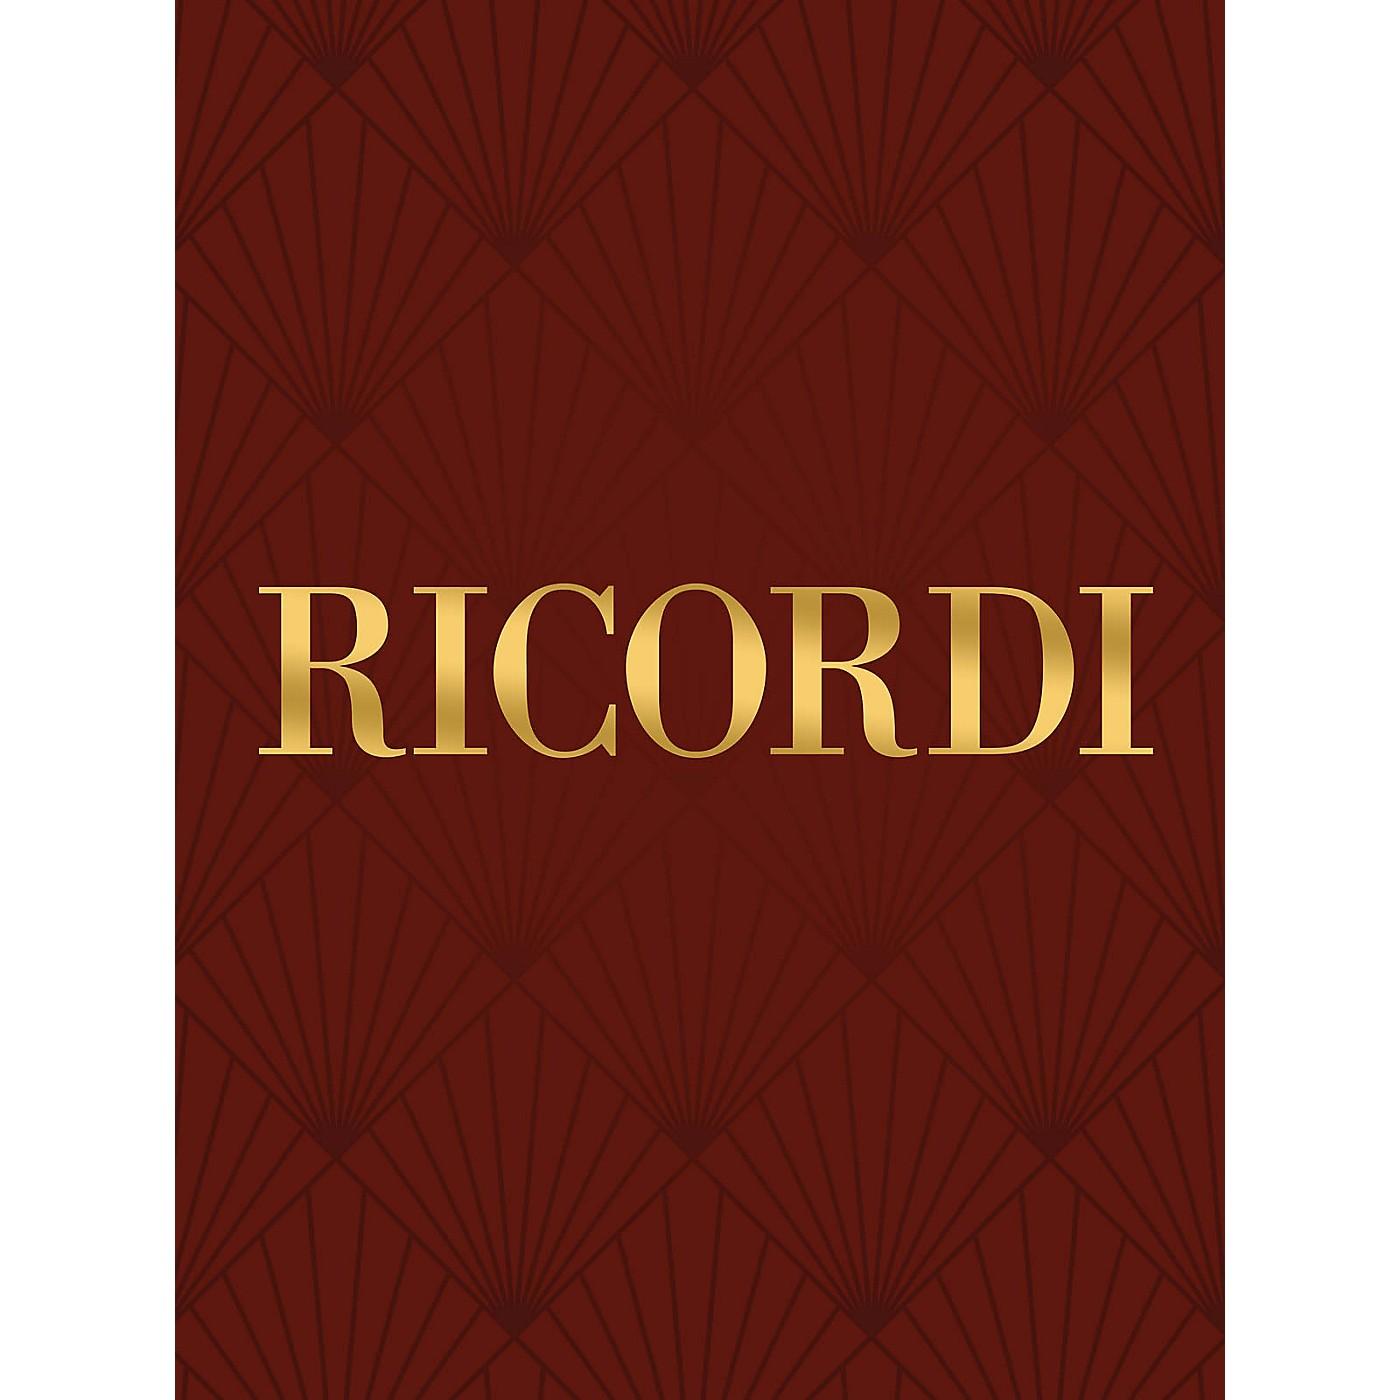 Ricordi Credo RV591 (Vocal Score) SATB Composed by Antonio Vivaldi Edited by A. Casella thumbnail